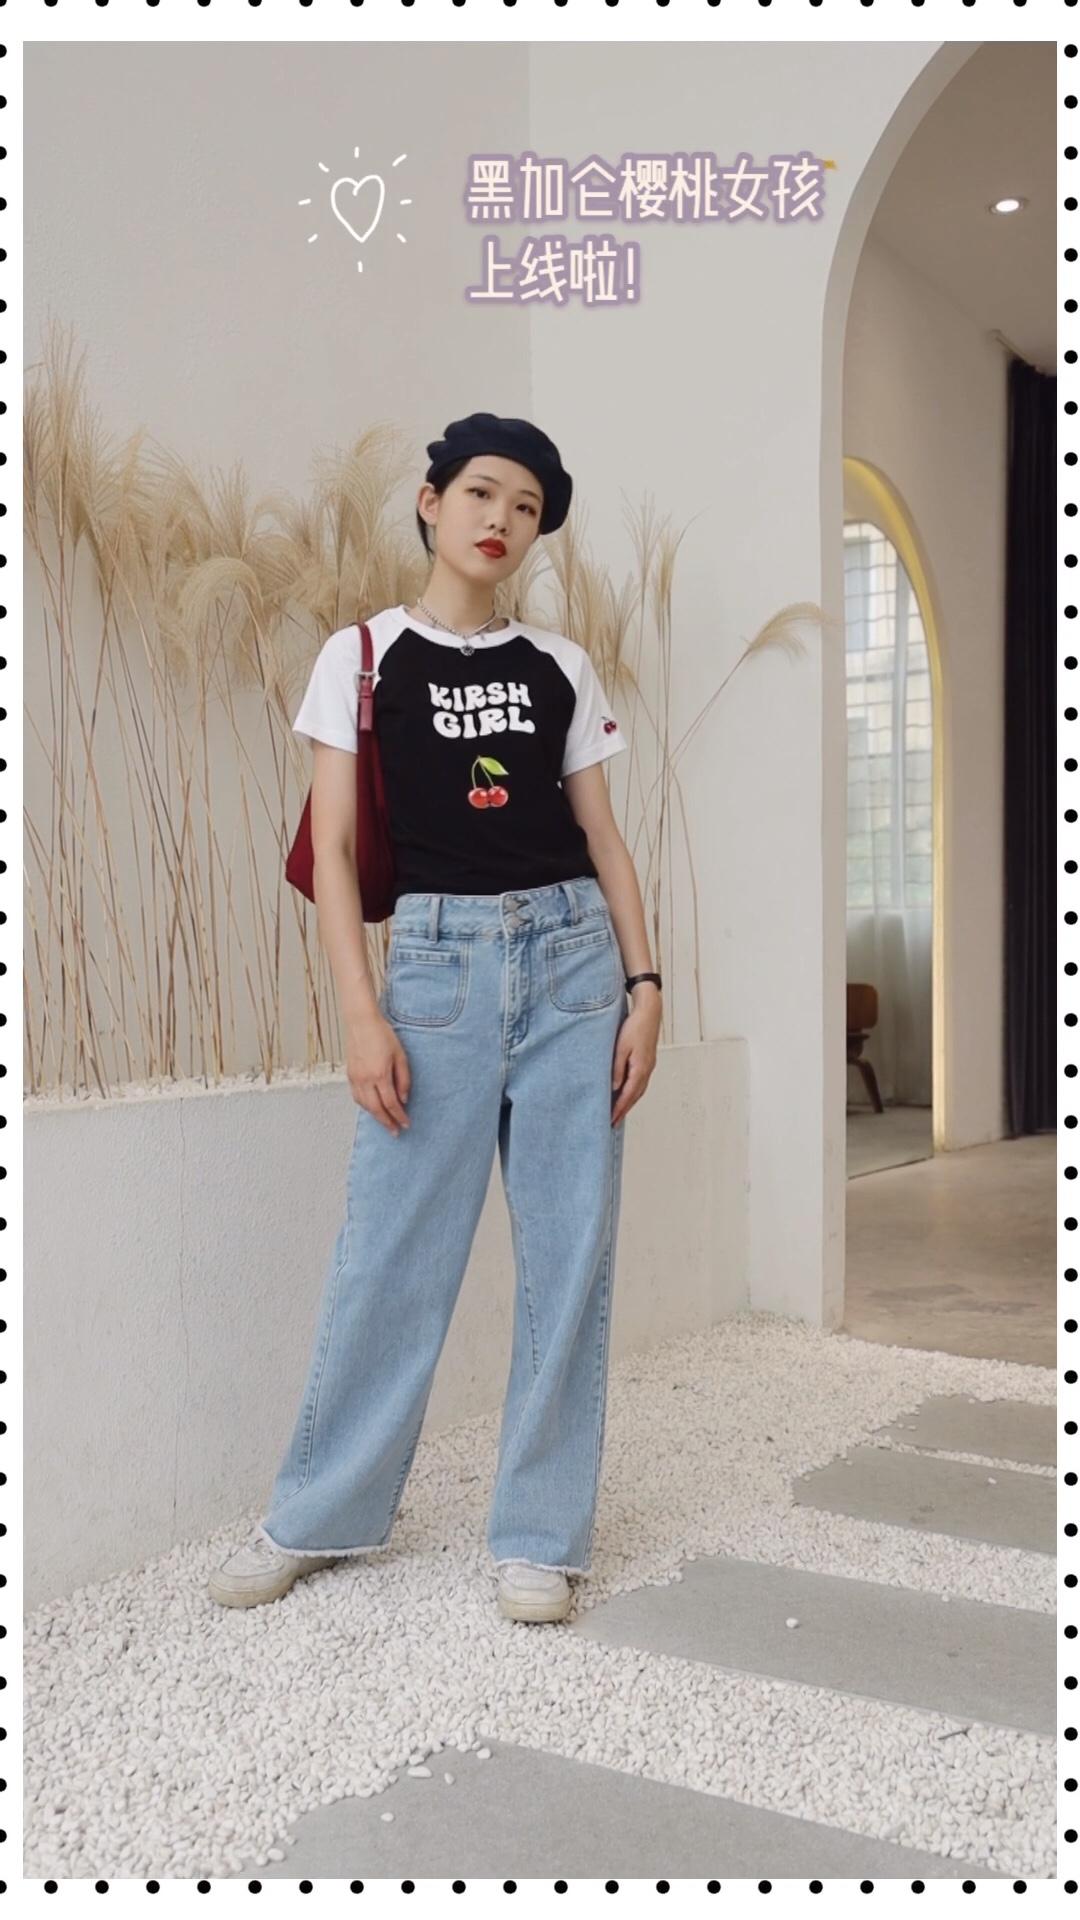 #日常时髦经:舒服最重要!#纯棉印花T恤➕宽松牛仔阔腿裤舒适透气又时尚!krish的拼接新款短袖值得拥有哦!